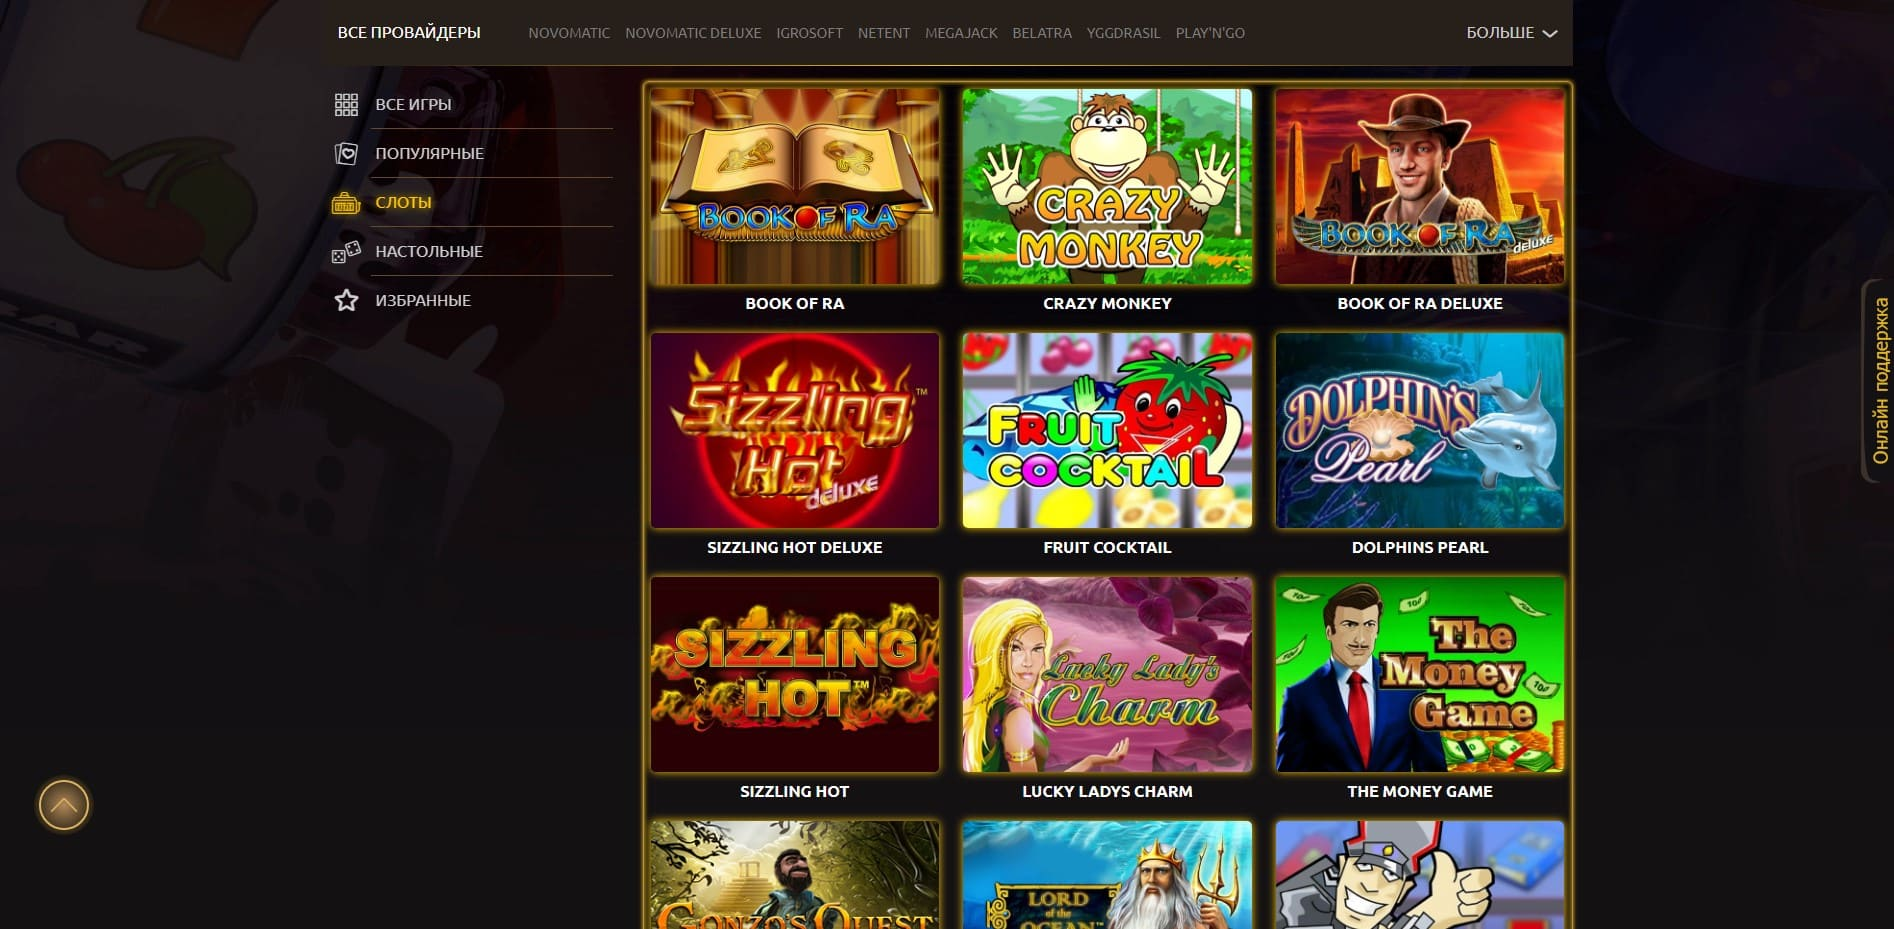 Игровые автоматы триумф онлайн рейтинг слотов рф трк лето игровые автоматы